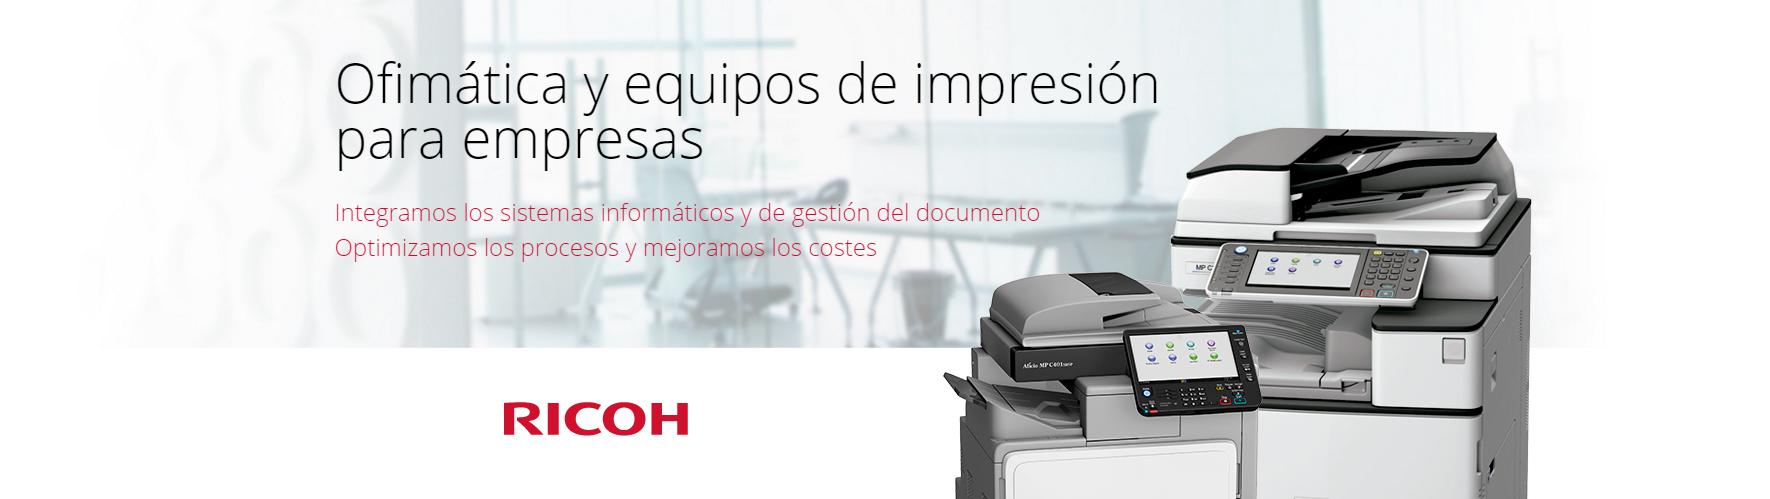 Grupo Solitium Ofimática y Equipo de Impresión para Empresas